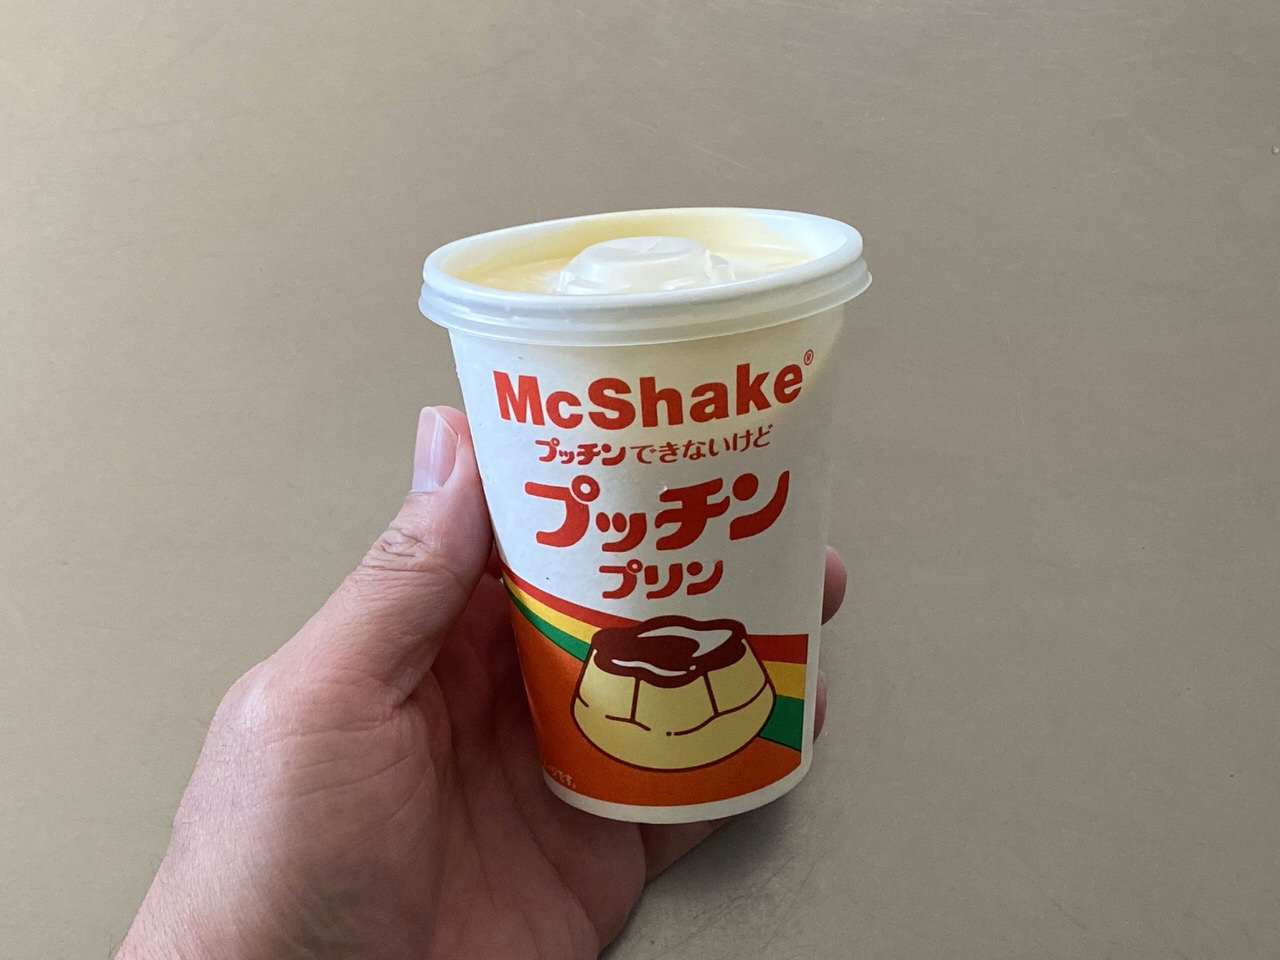 【マクドナルド】「マックシェイク プッチンプリン」早くもちょい足しカラメルソースは売り切れ!